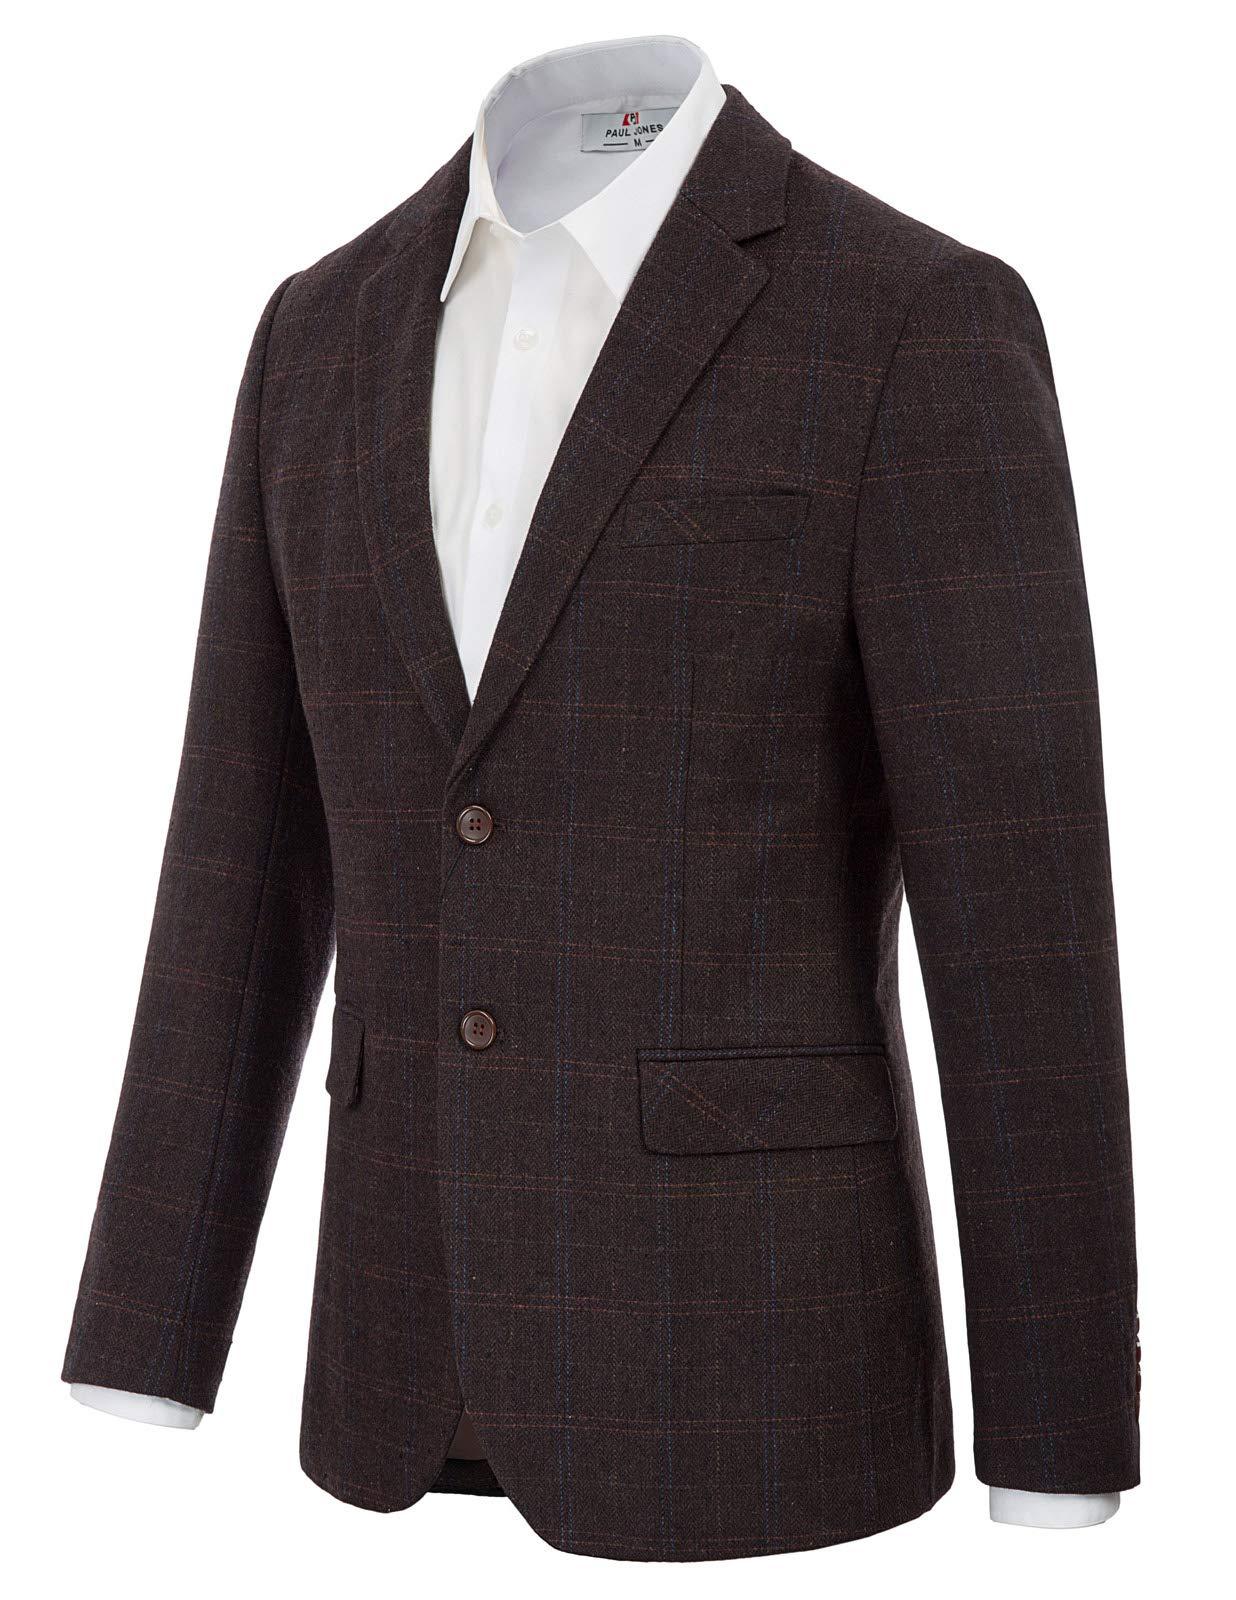 Men's Blazer Jacket Tweed Coat Formal Dinner Wool Blend Suits Dark Coffee XL by PJ PAUL JONES